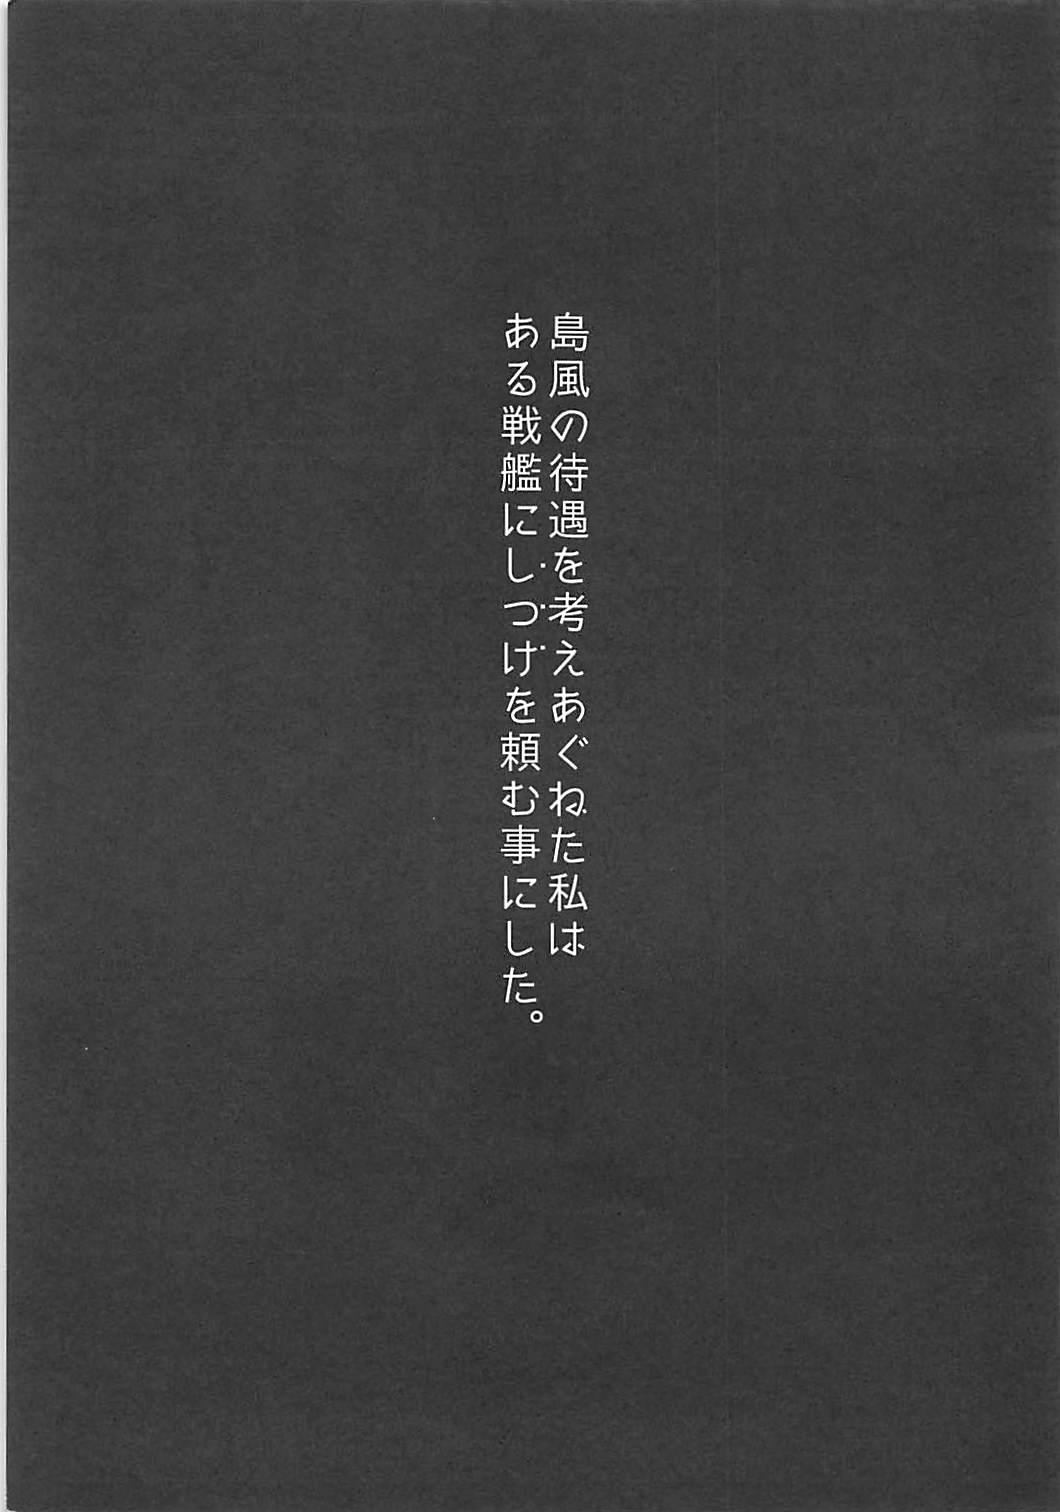 Oogata Senkan Senyou Ian-gata Kuchikukan Shimakaze 3